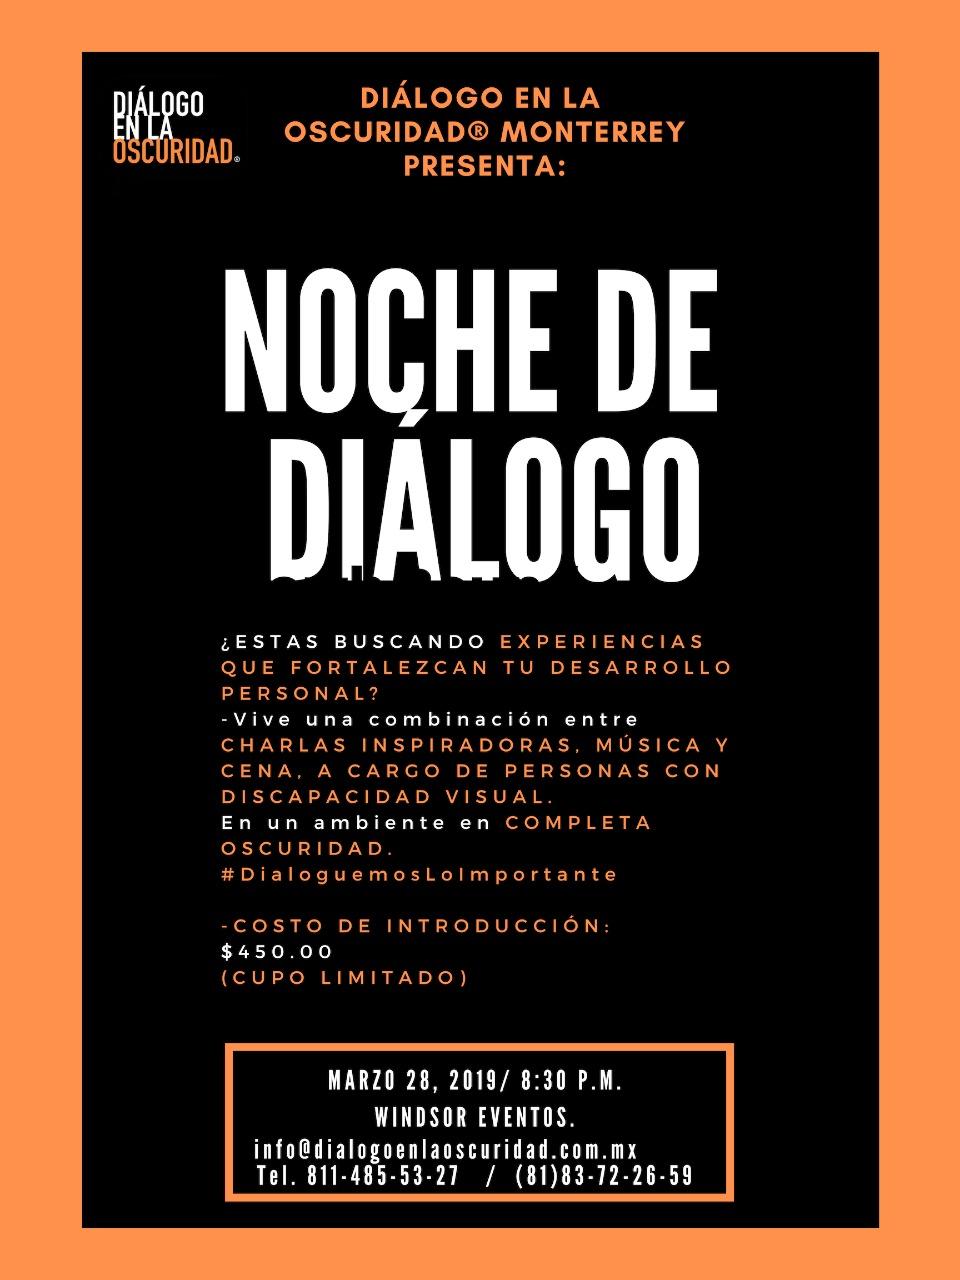 Noches de Diálogo: conferencias inspiradoras en la oscuridad – marzo 28